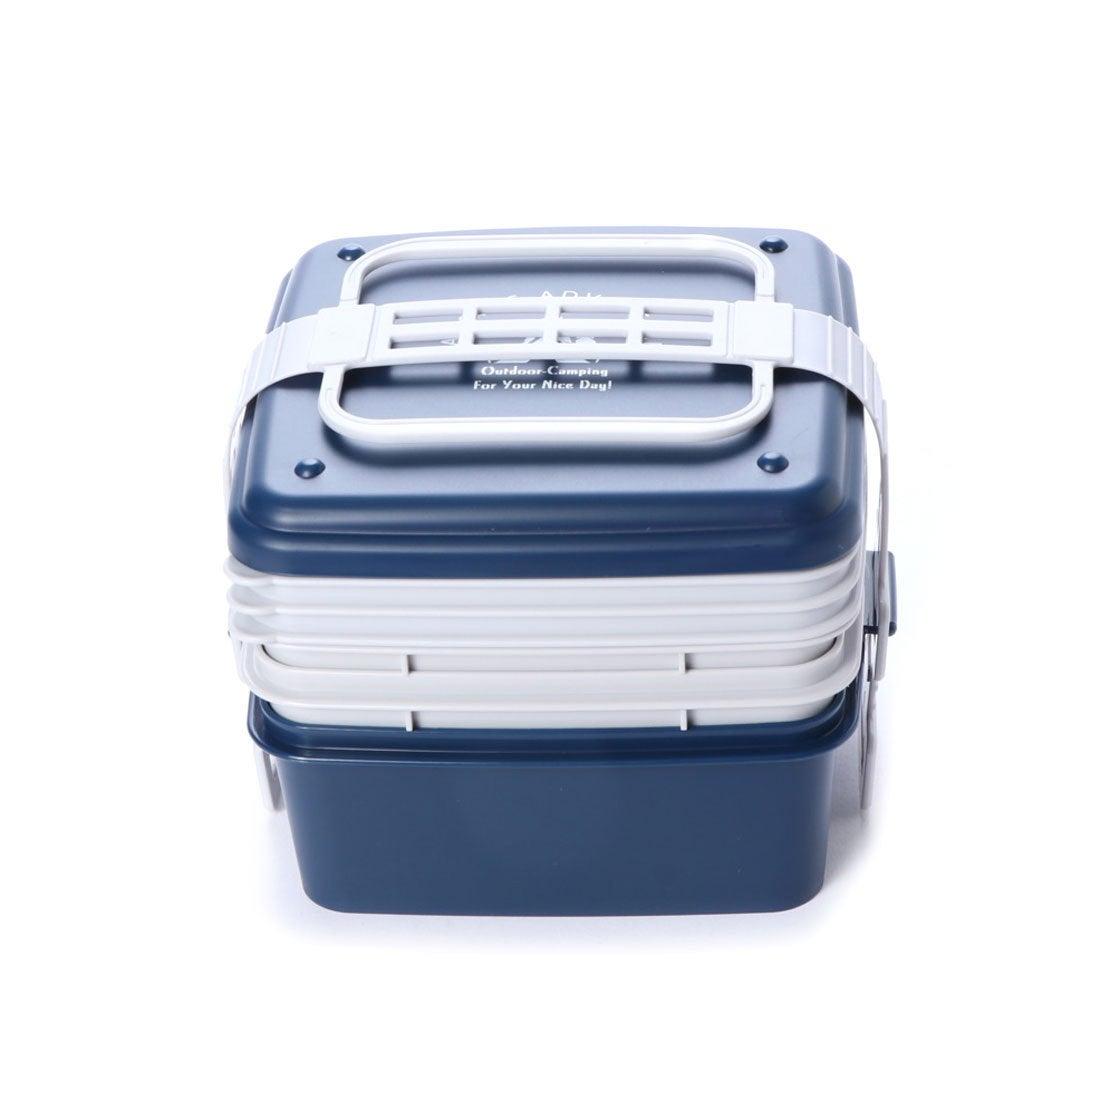 ロコンド 靴とファッションの通販サイトスポーツデポ SPORTS DEPO キャンプ 食器 ファミリーランチBOX 3段式 9336030608